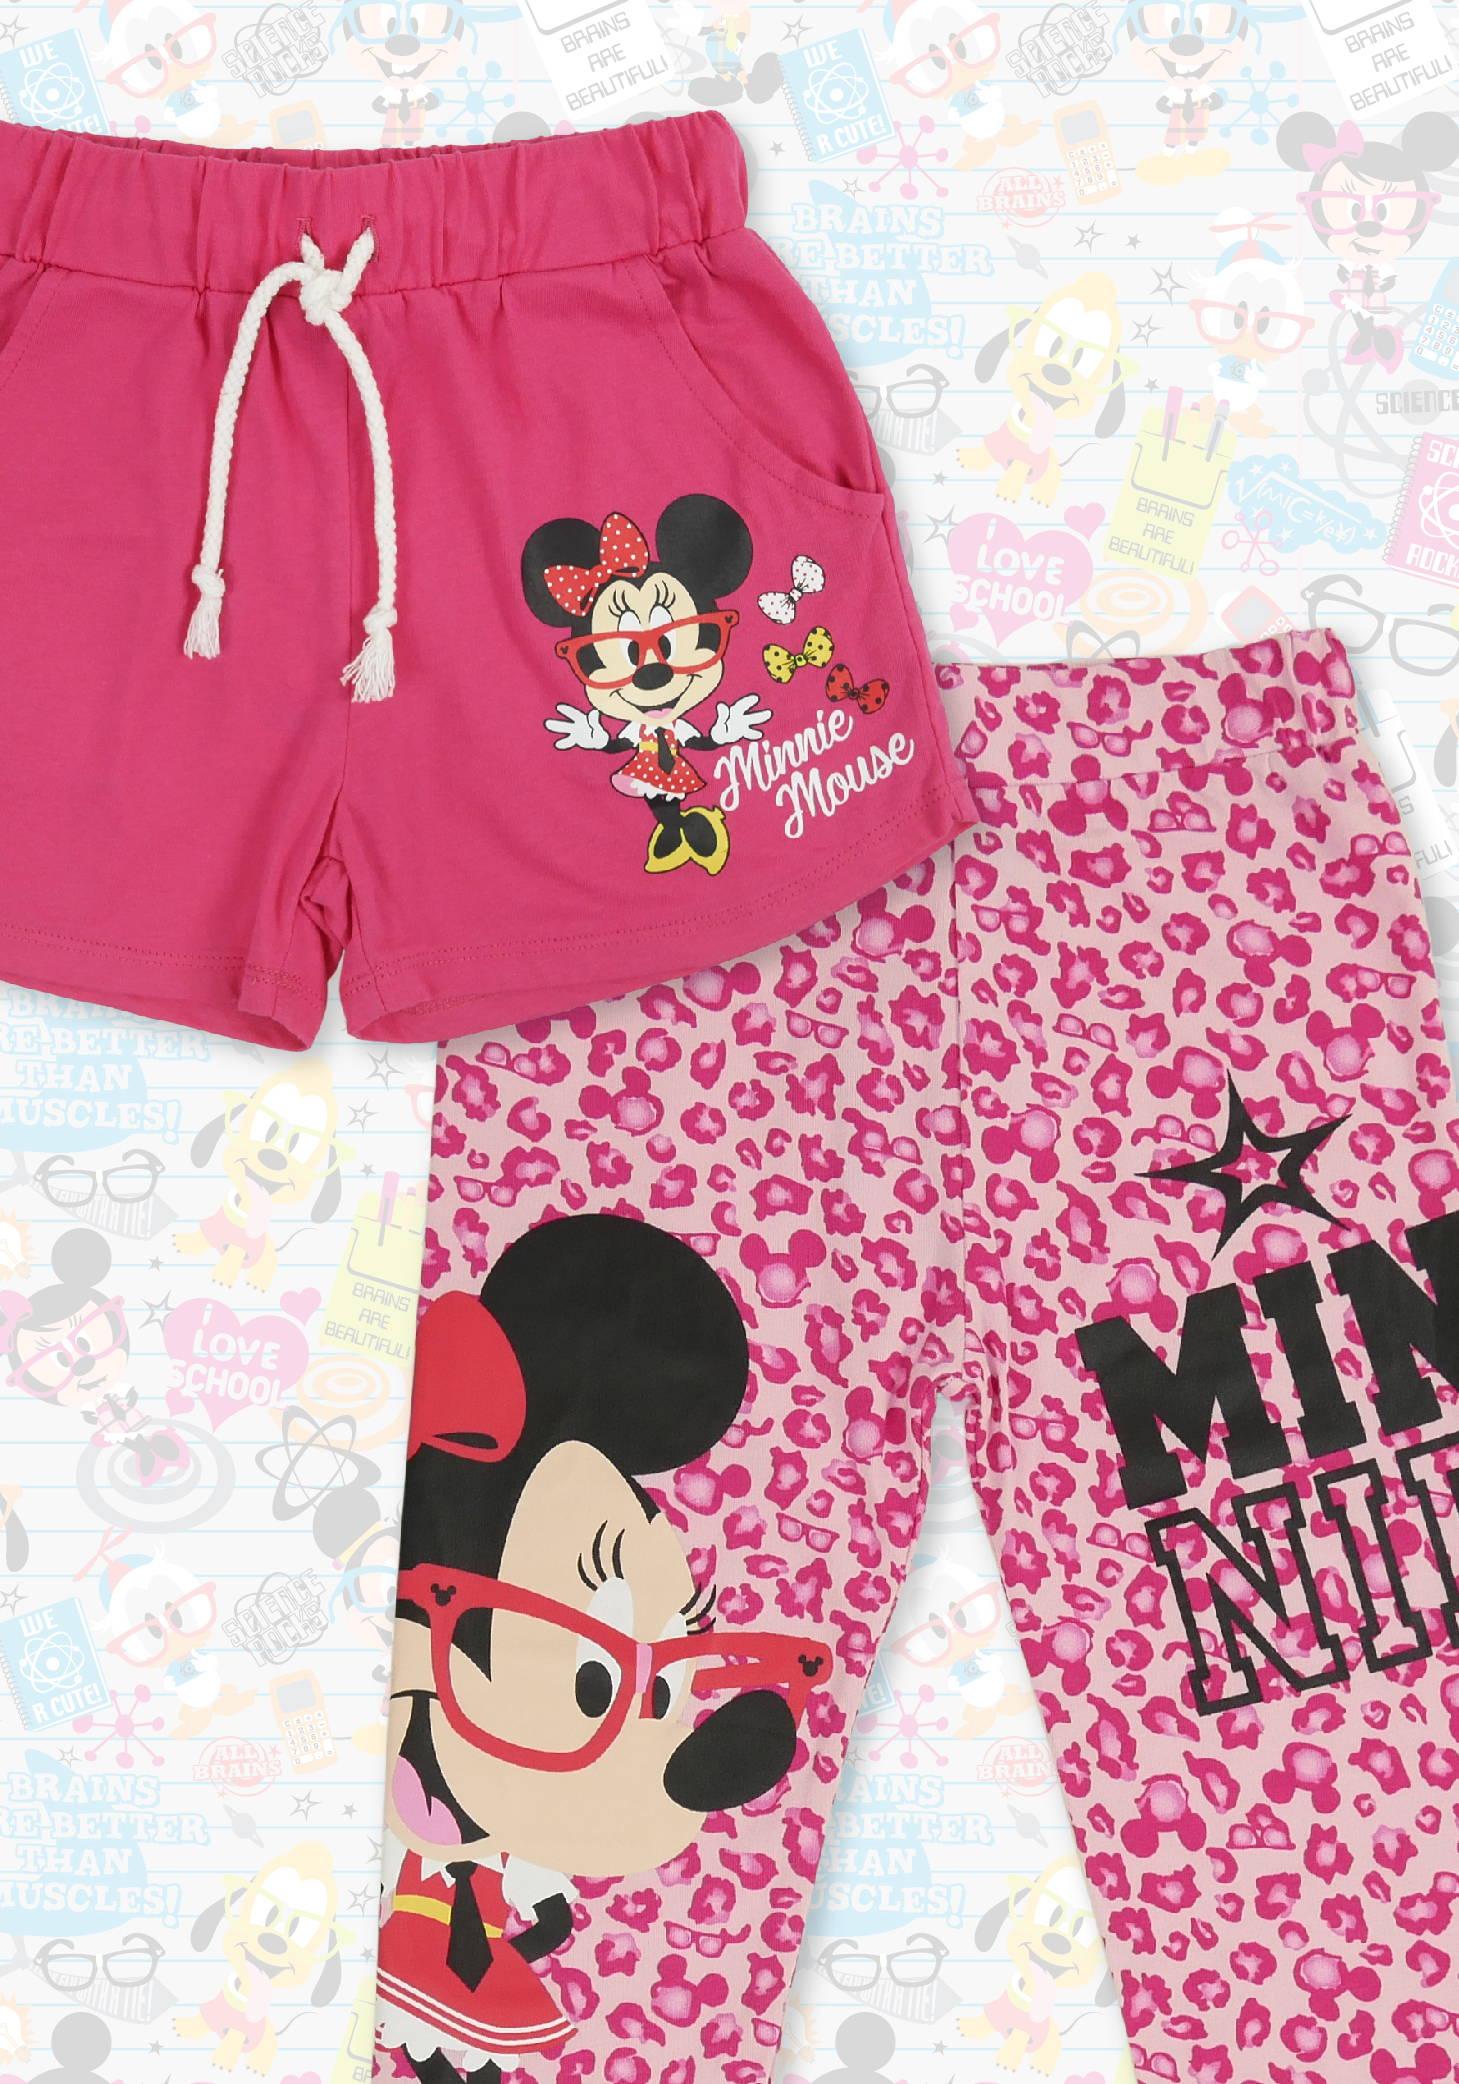 กางเกง เลคกิ้ง มินนี้เมาส์ leggings, shorts, skirts minnie mouse